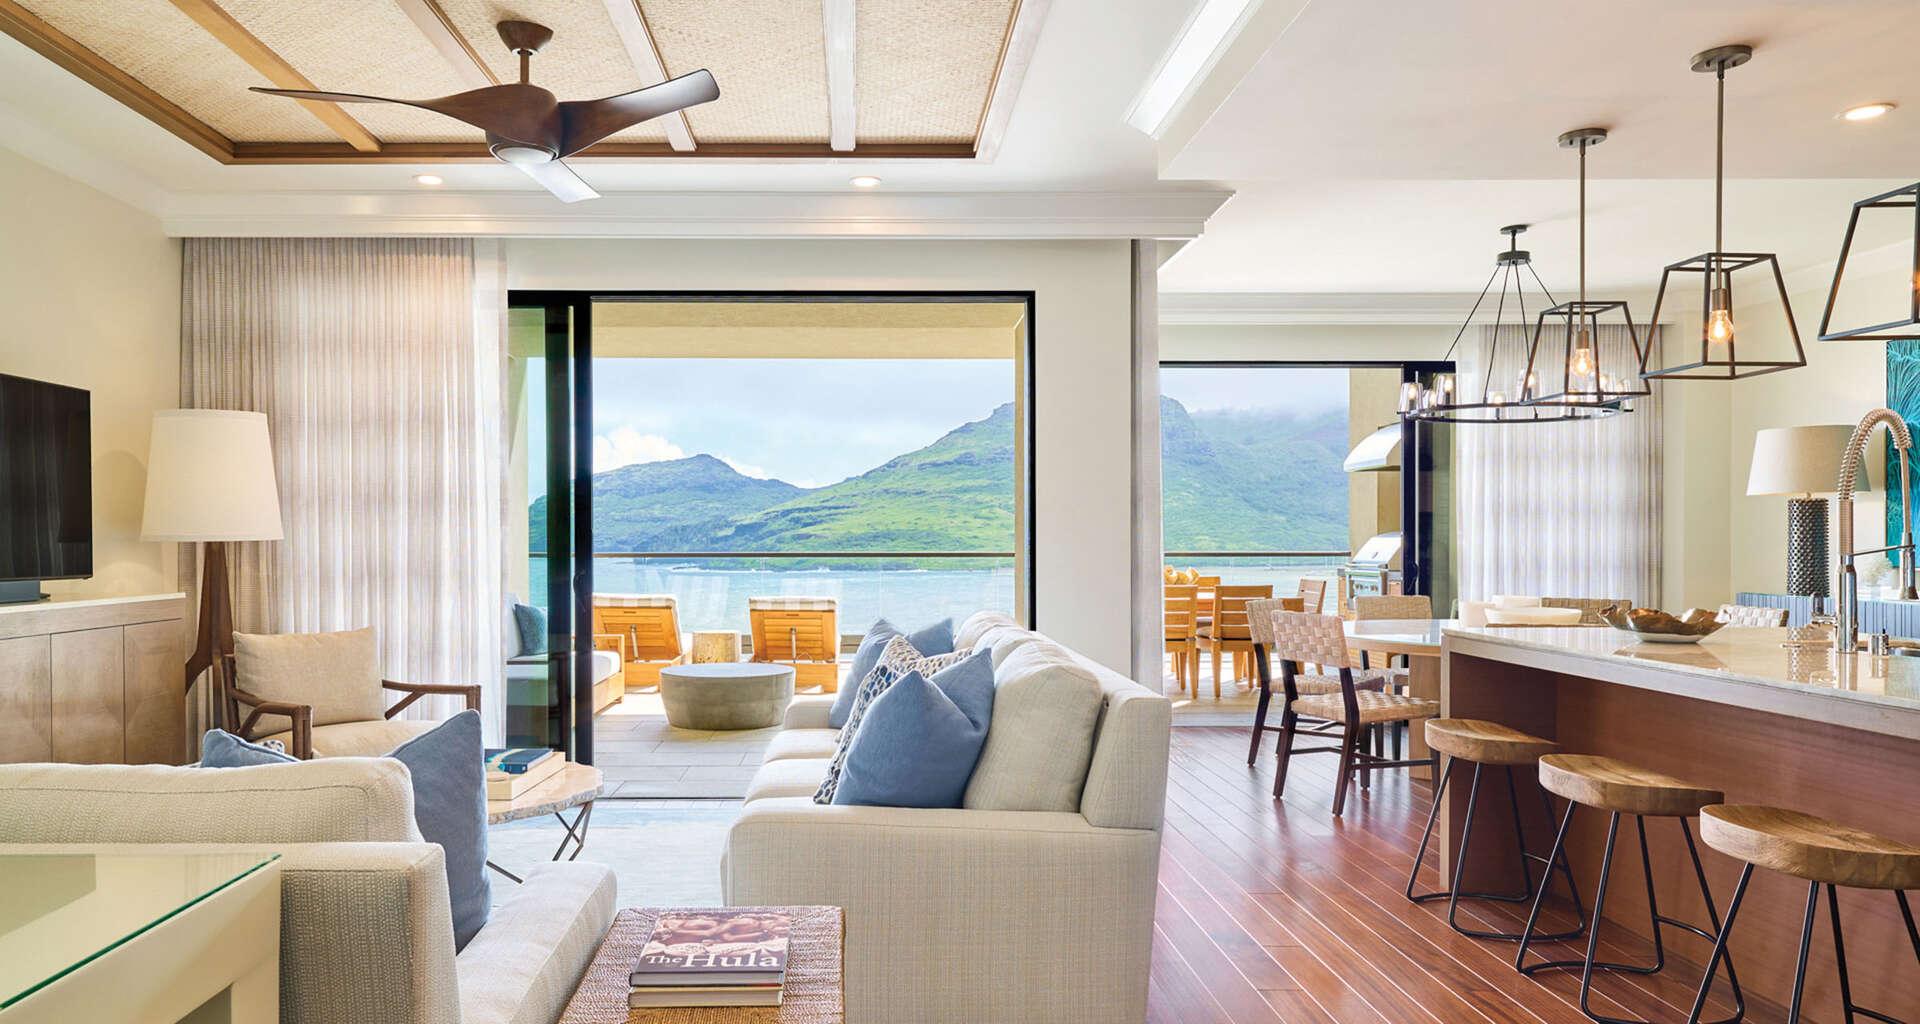 Luxury vacation rentals usa - Hawaii - Kauai - Hokuala kauai - Kaiholo 4 BDM Ocean View - Image 1/9